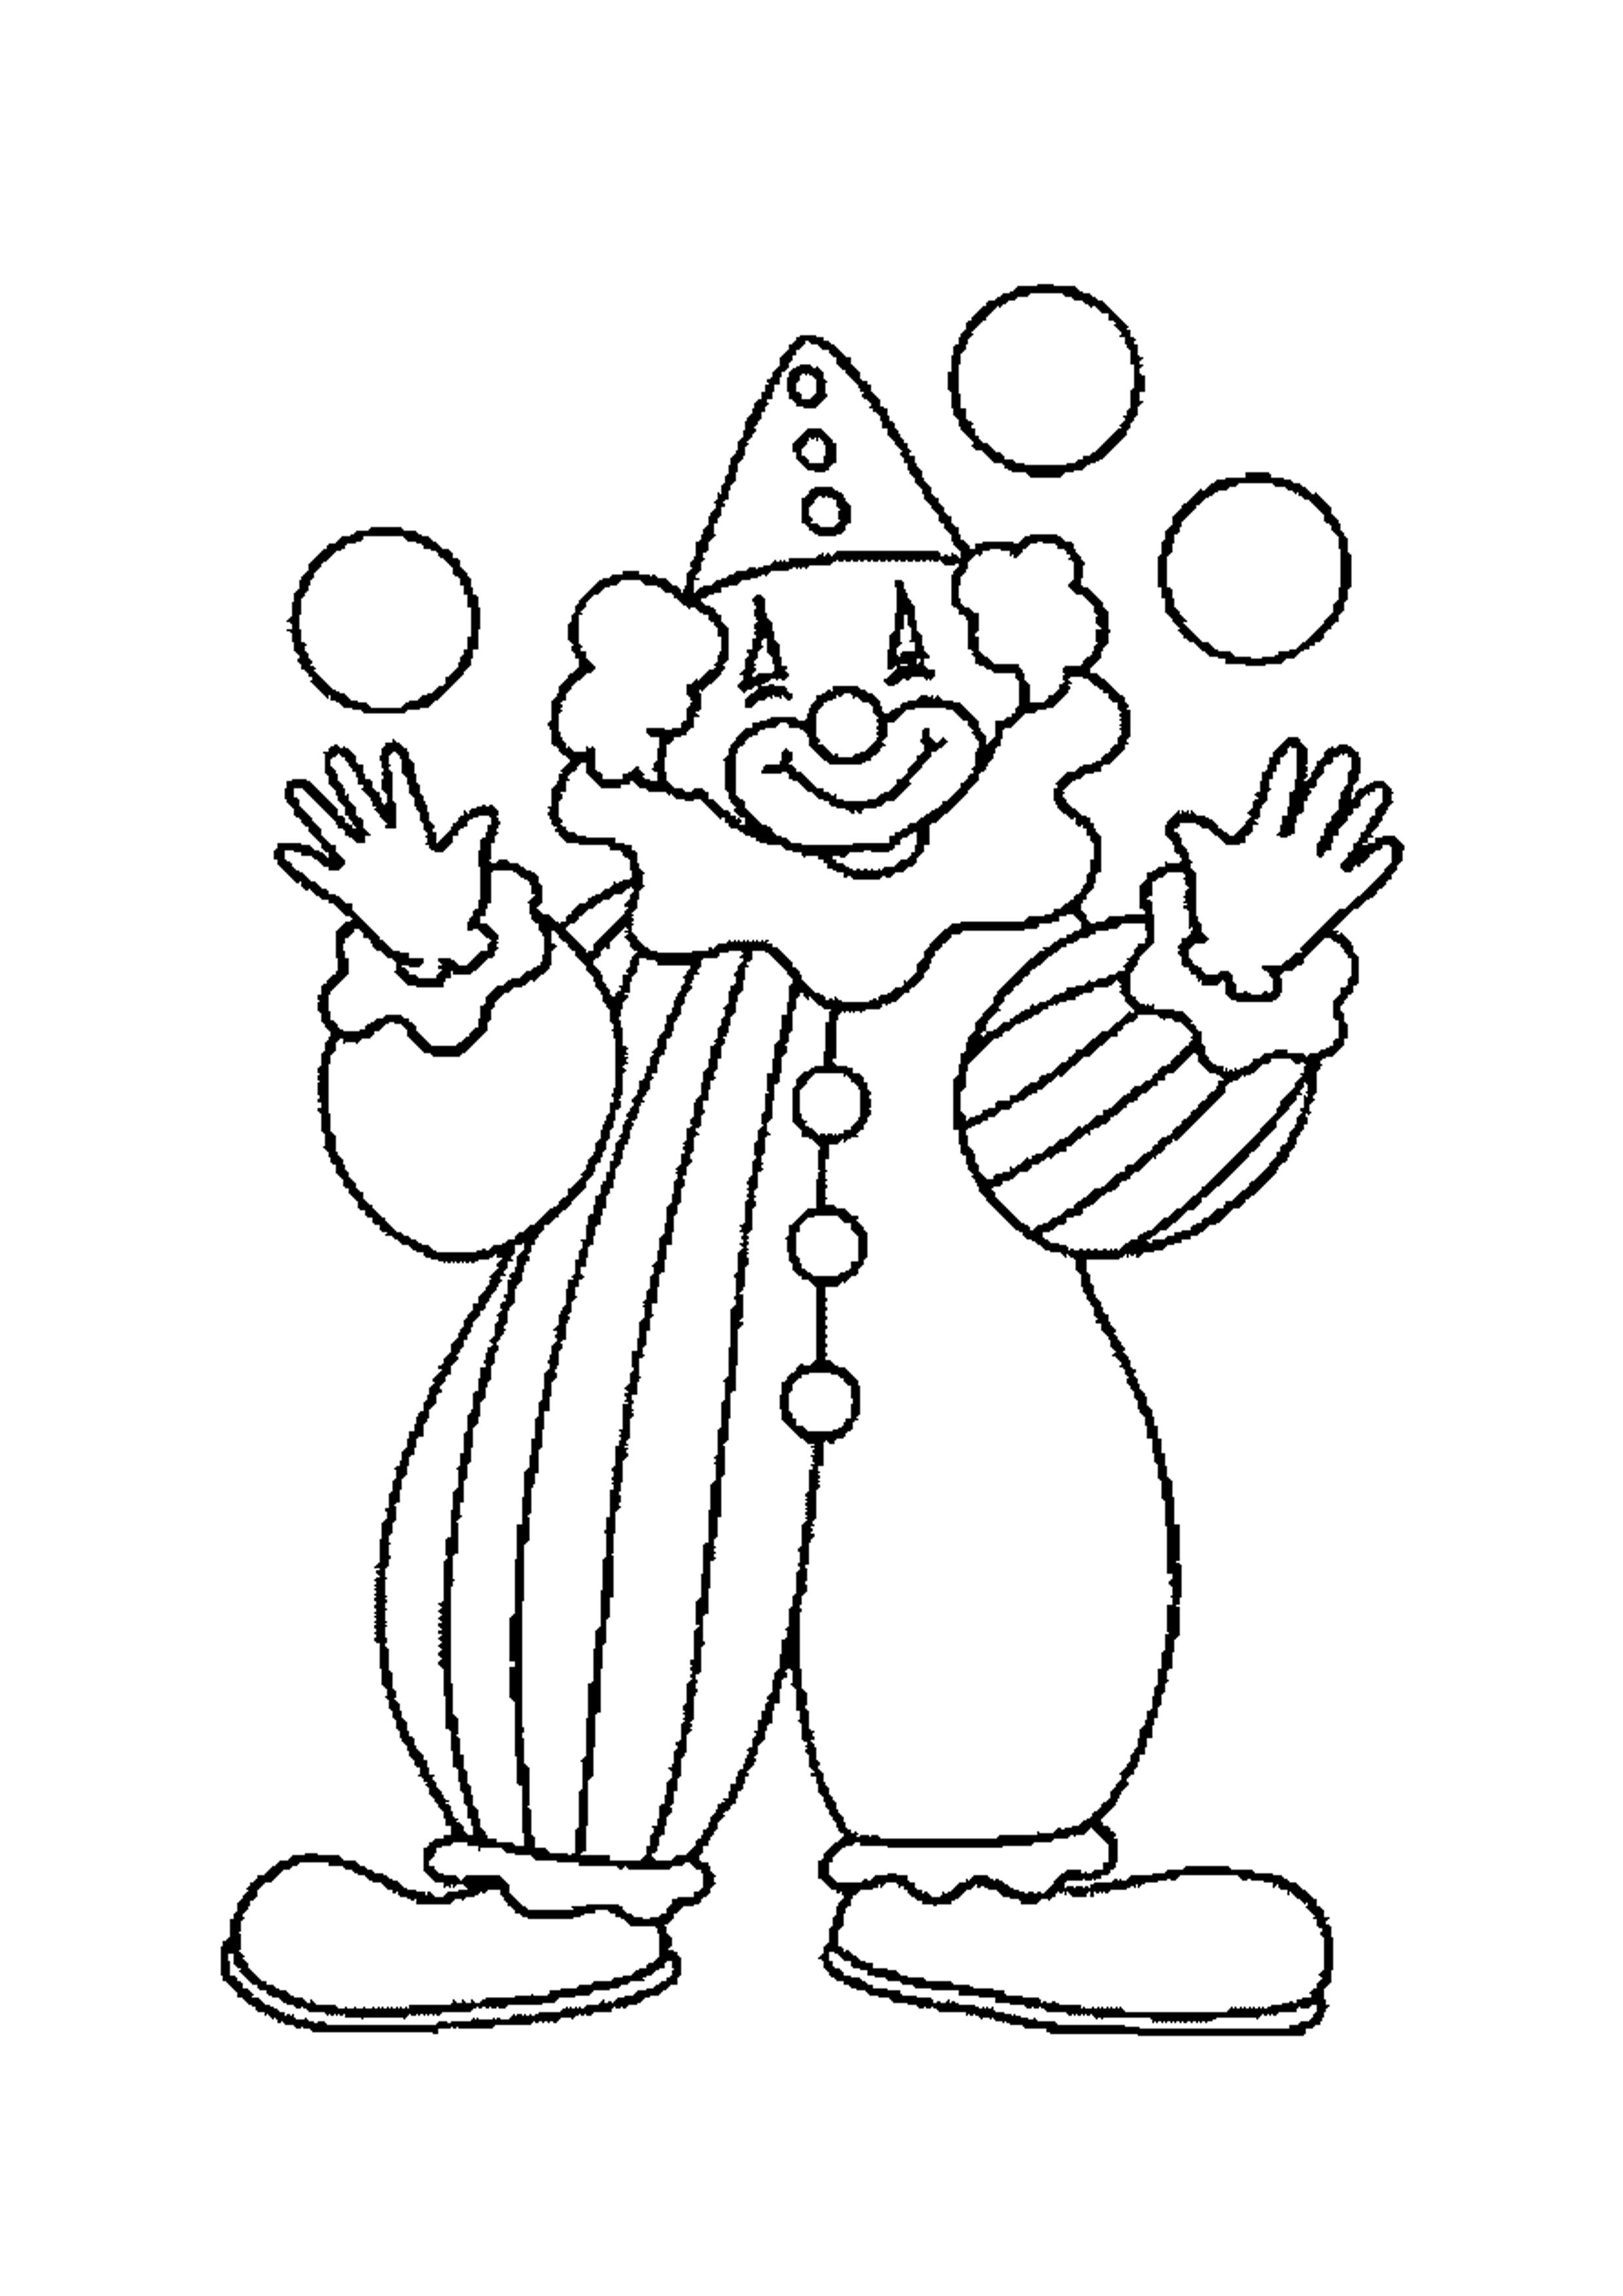 Dibujos Para Colorear De Personajes De Circo Malabart Revista Digital De Circo Teatro